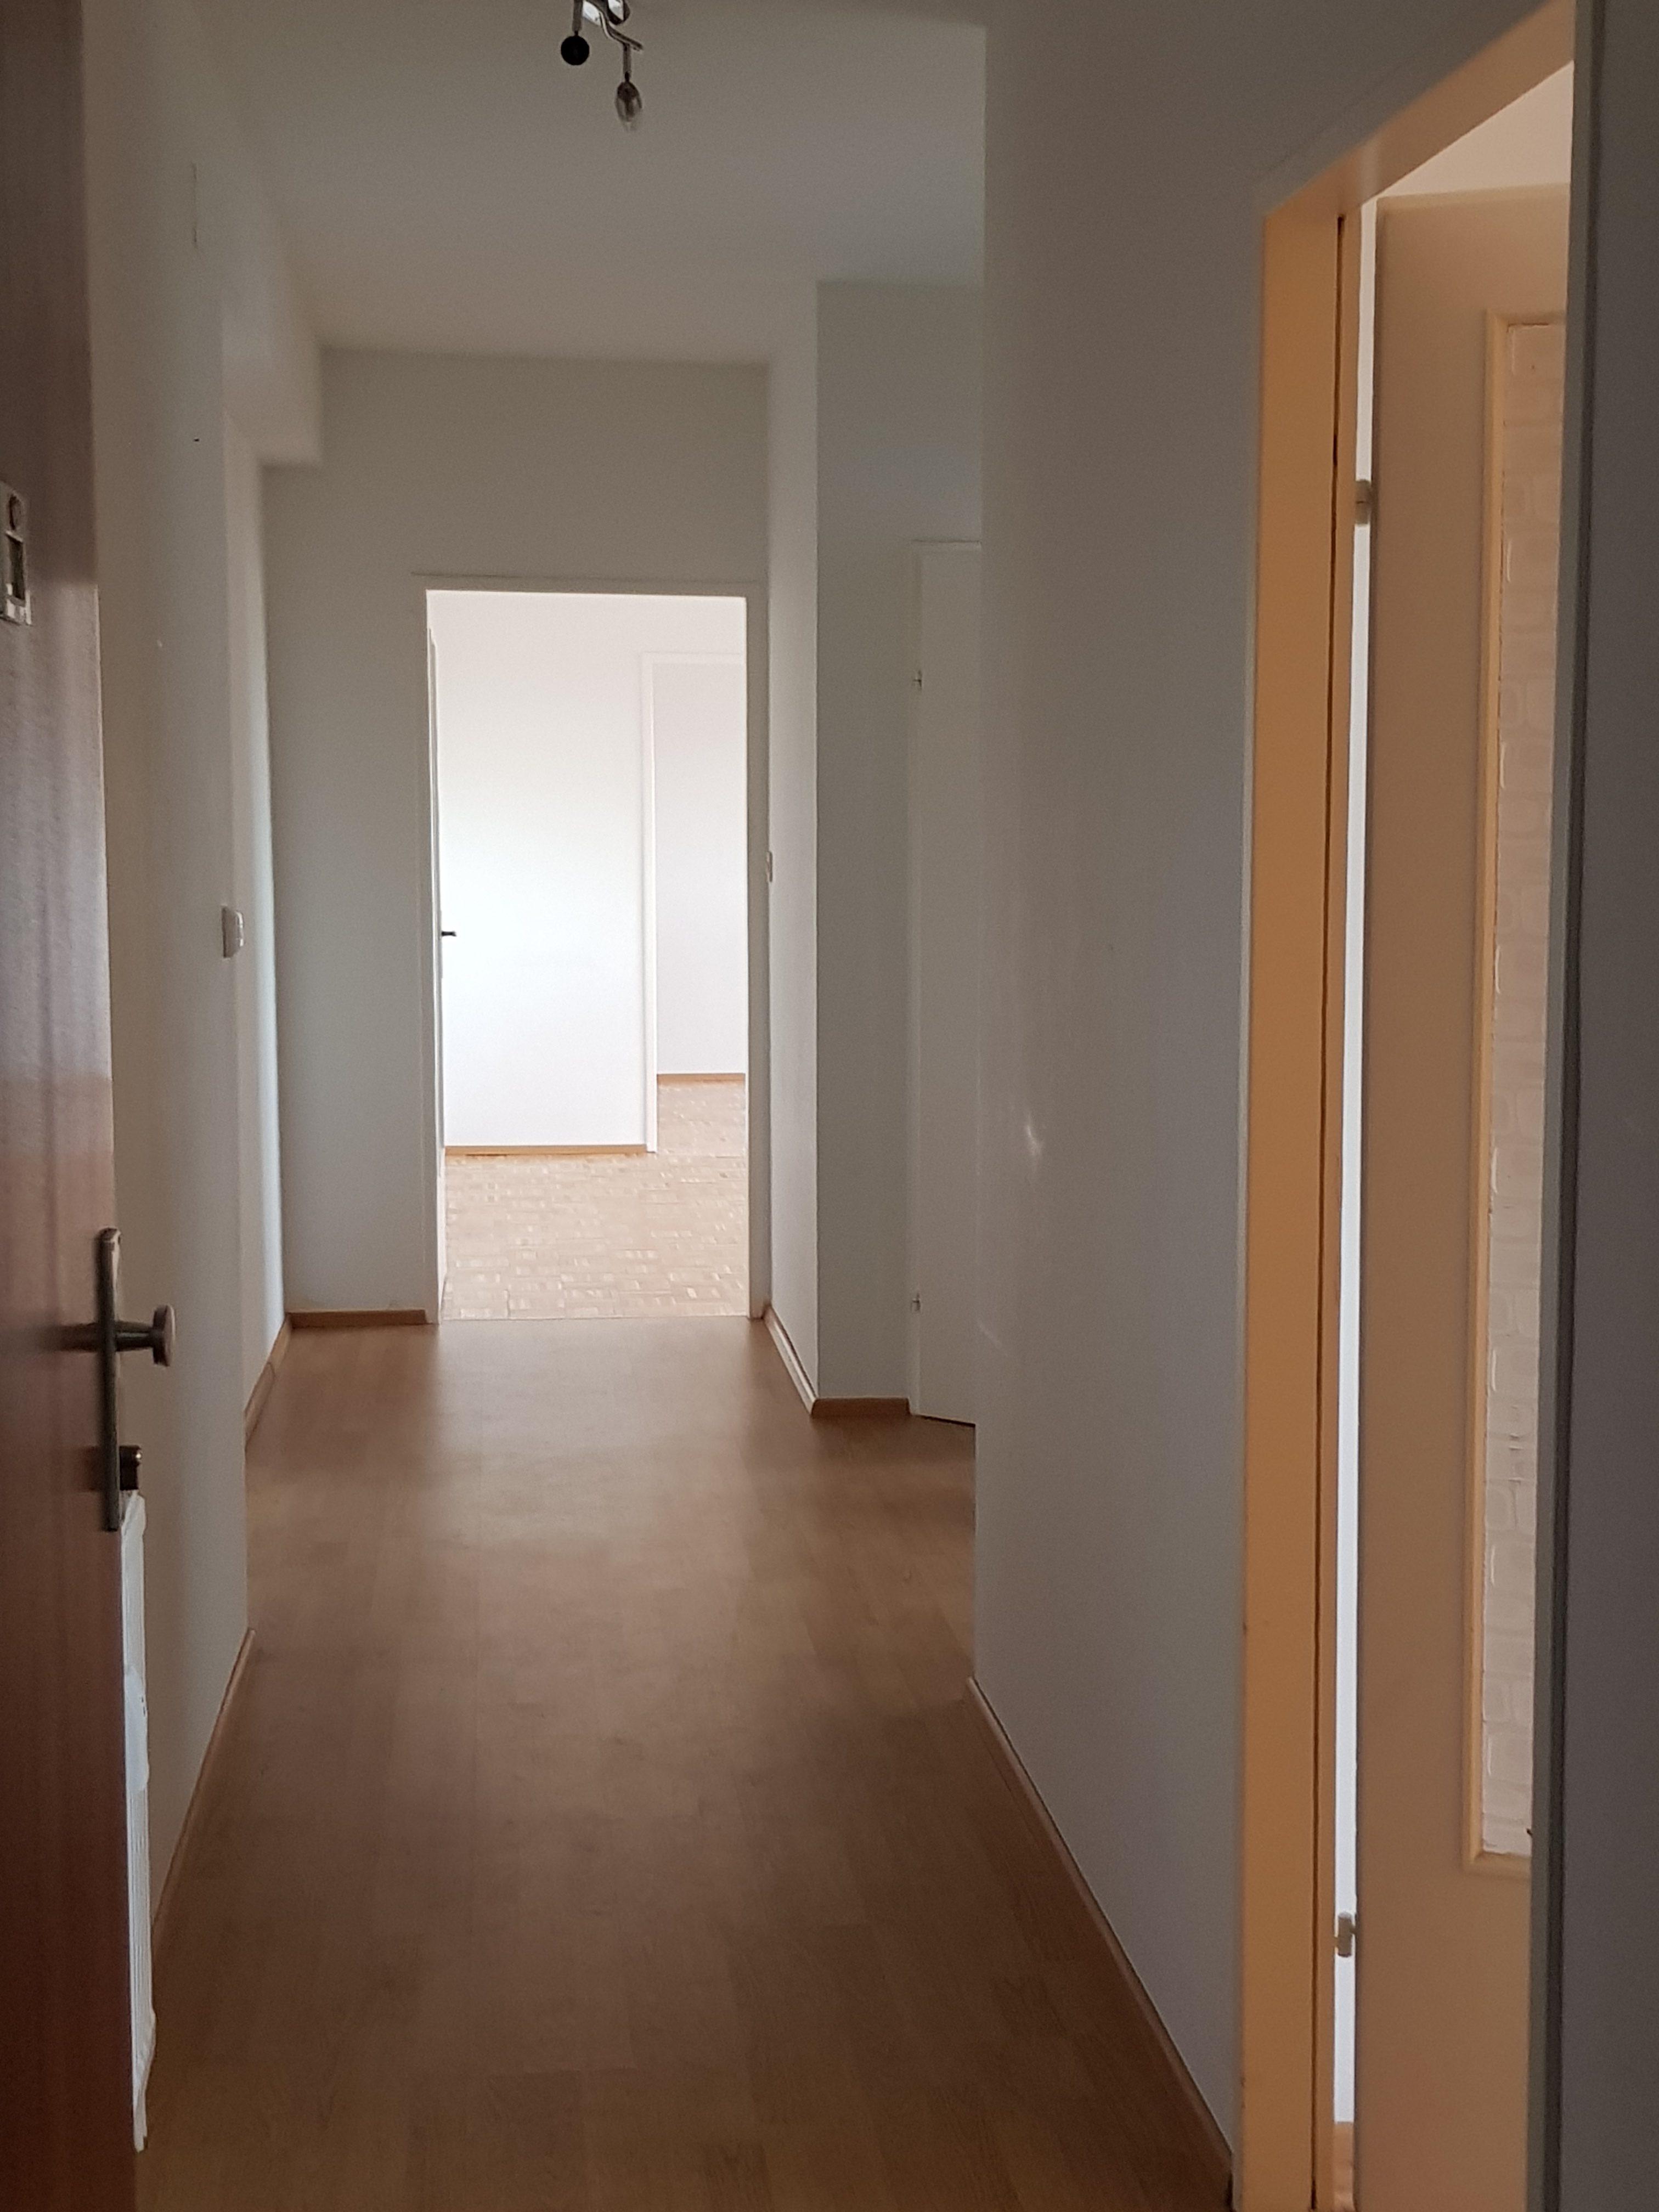 Gerichtsbergen-10_19-1